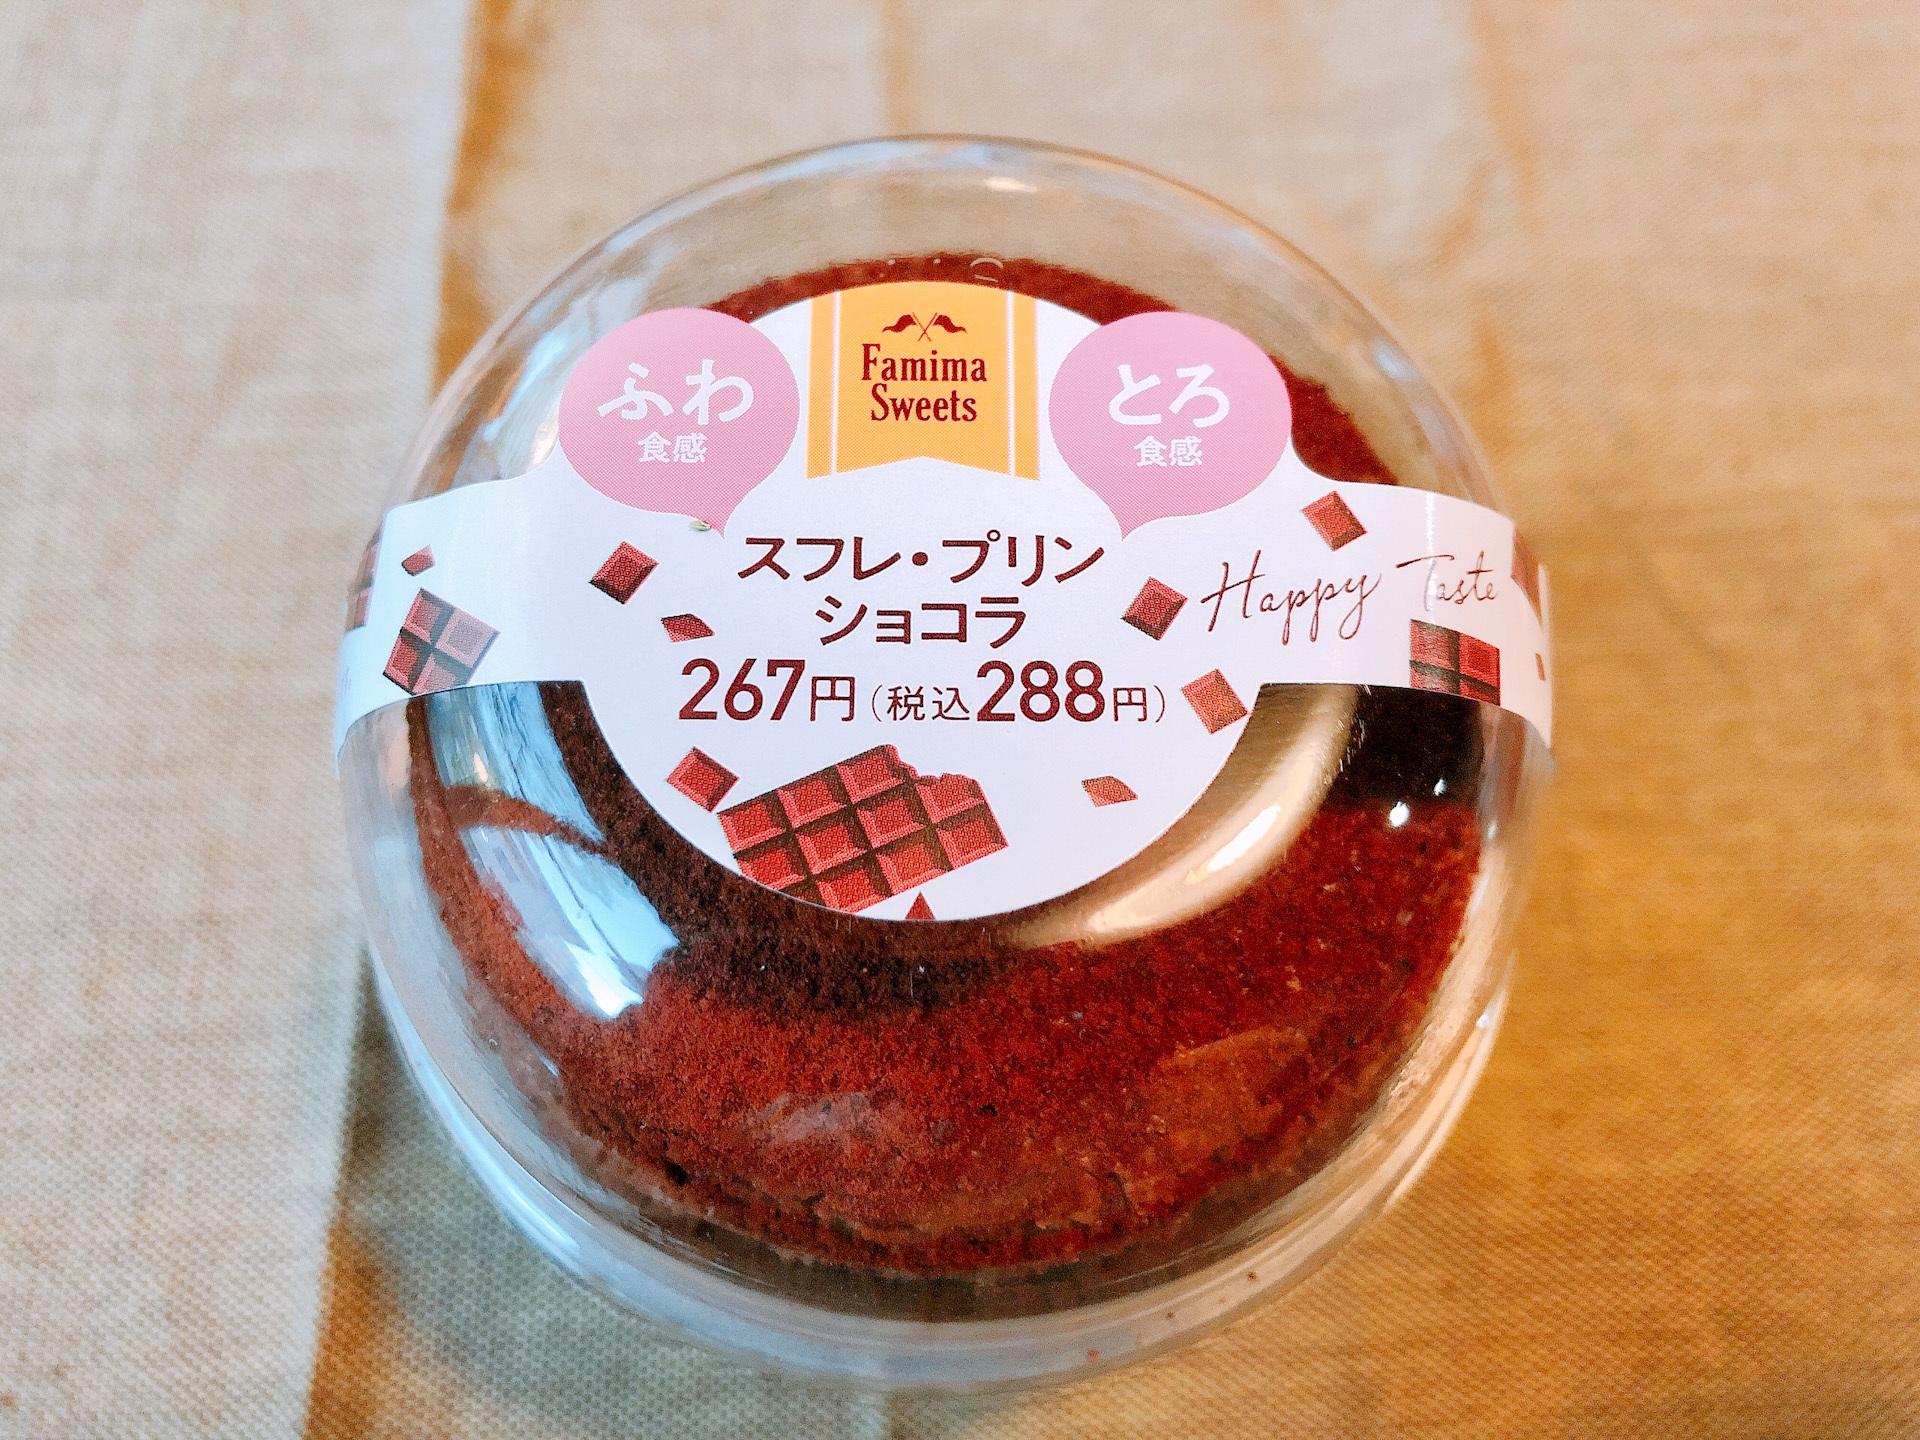 ファミリーマートのスフレ・プリン ショコラ